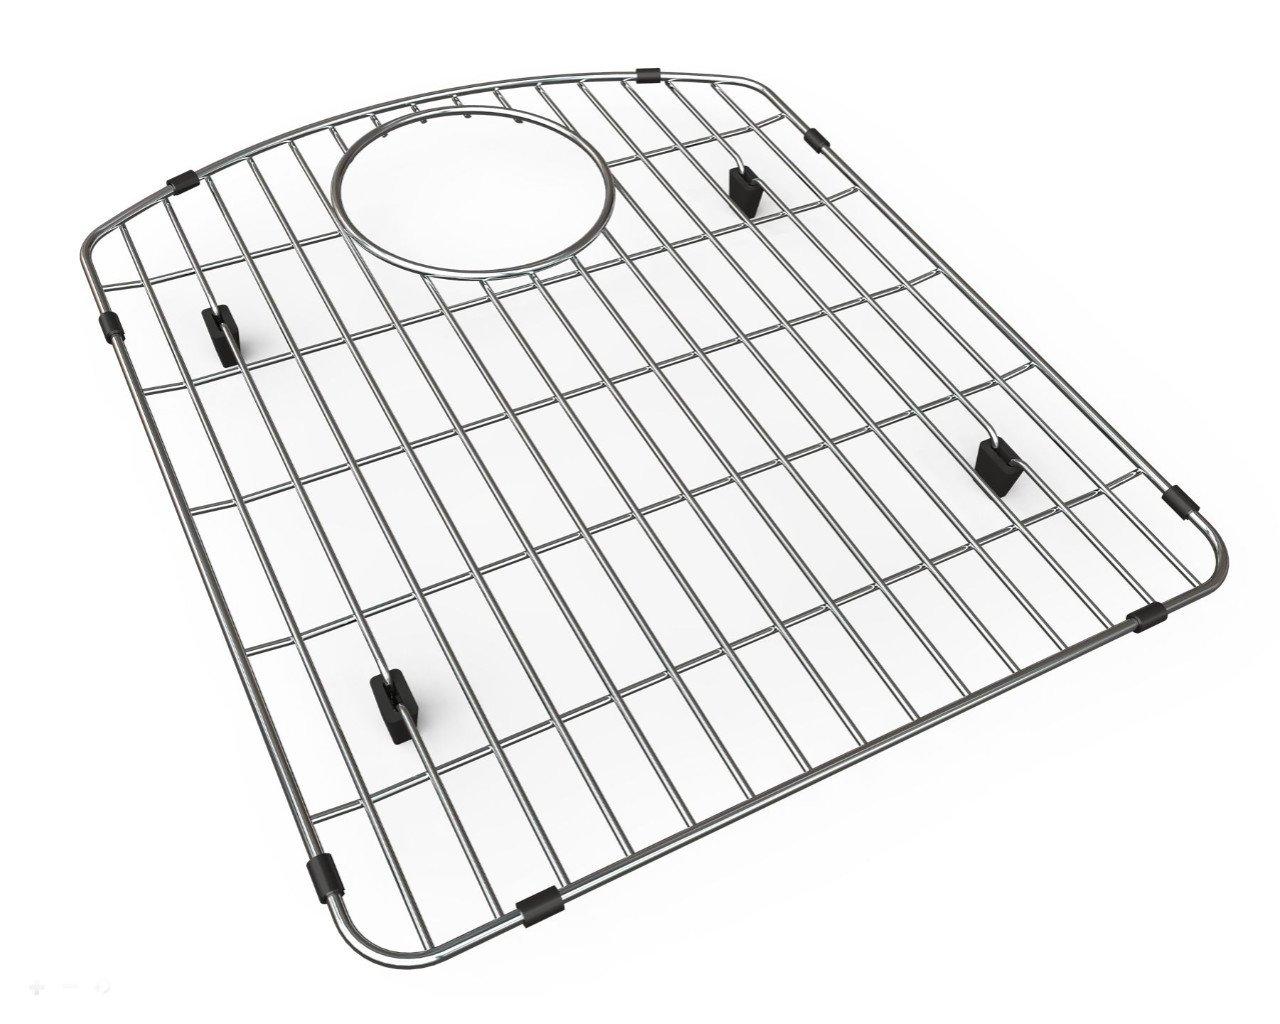 Elkay LKOBG1618SS Gourmet Bottom Grid for ELGH(U)3322R (left bowl), Stainless Steel